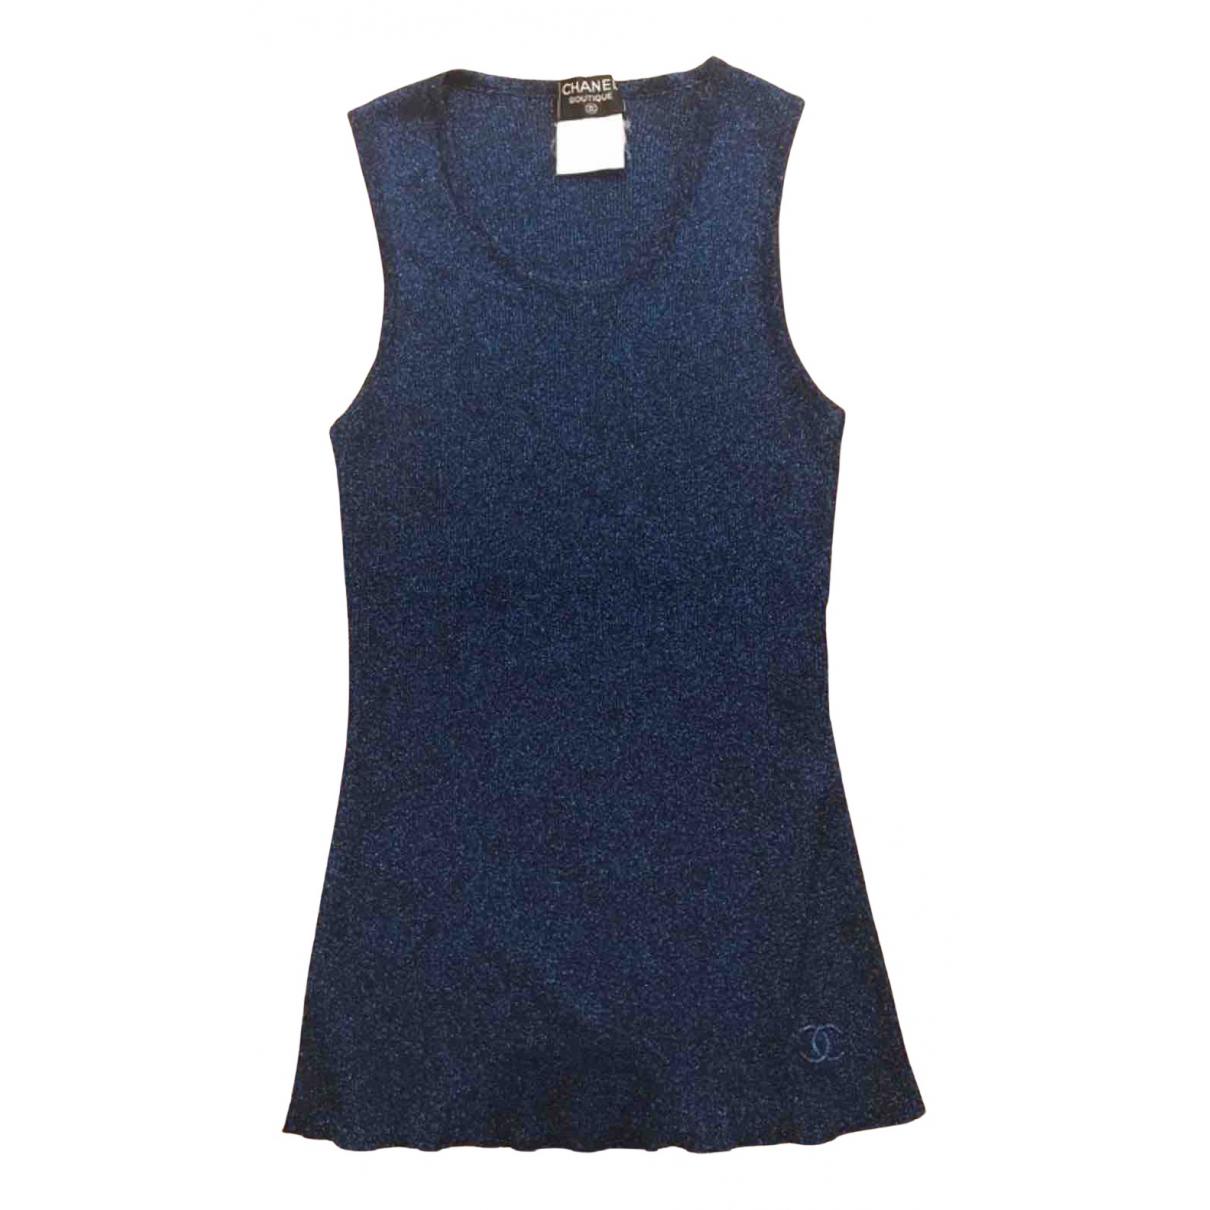 Chanel - Top   pour femme en coton - bleu